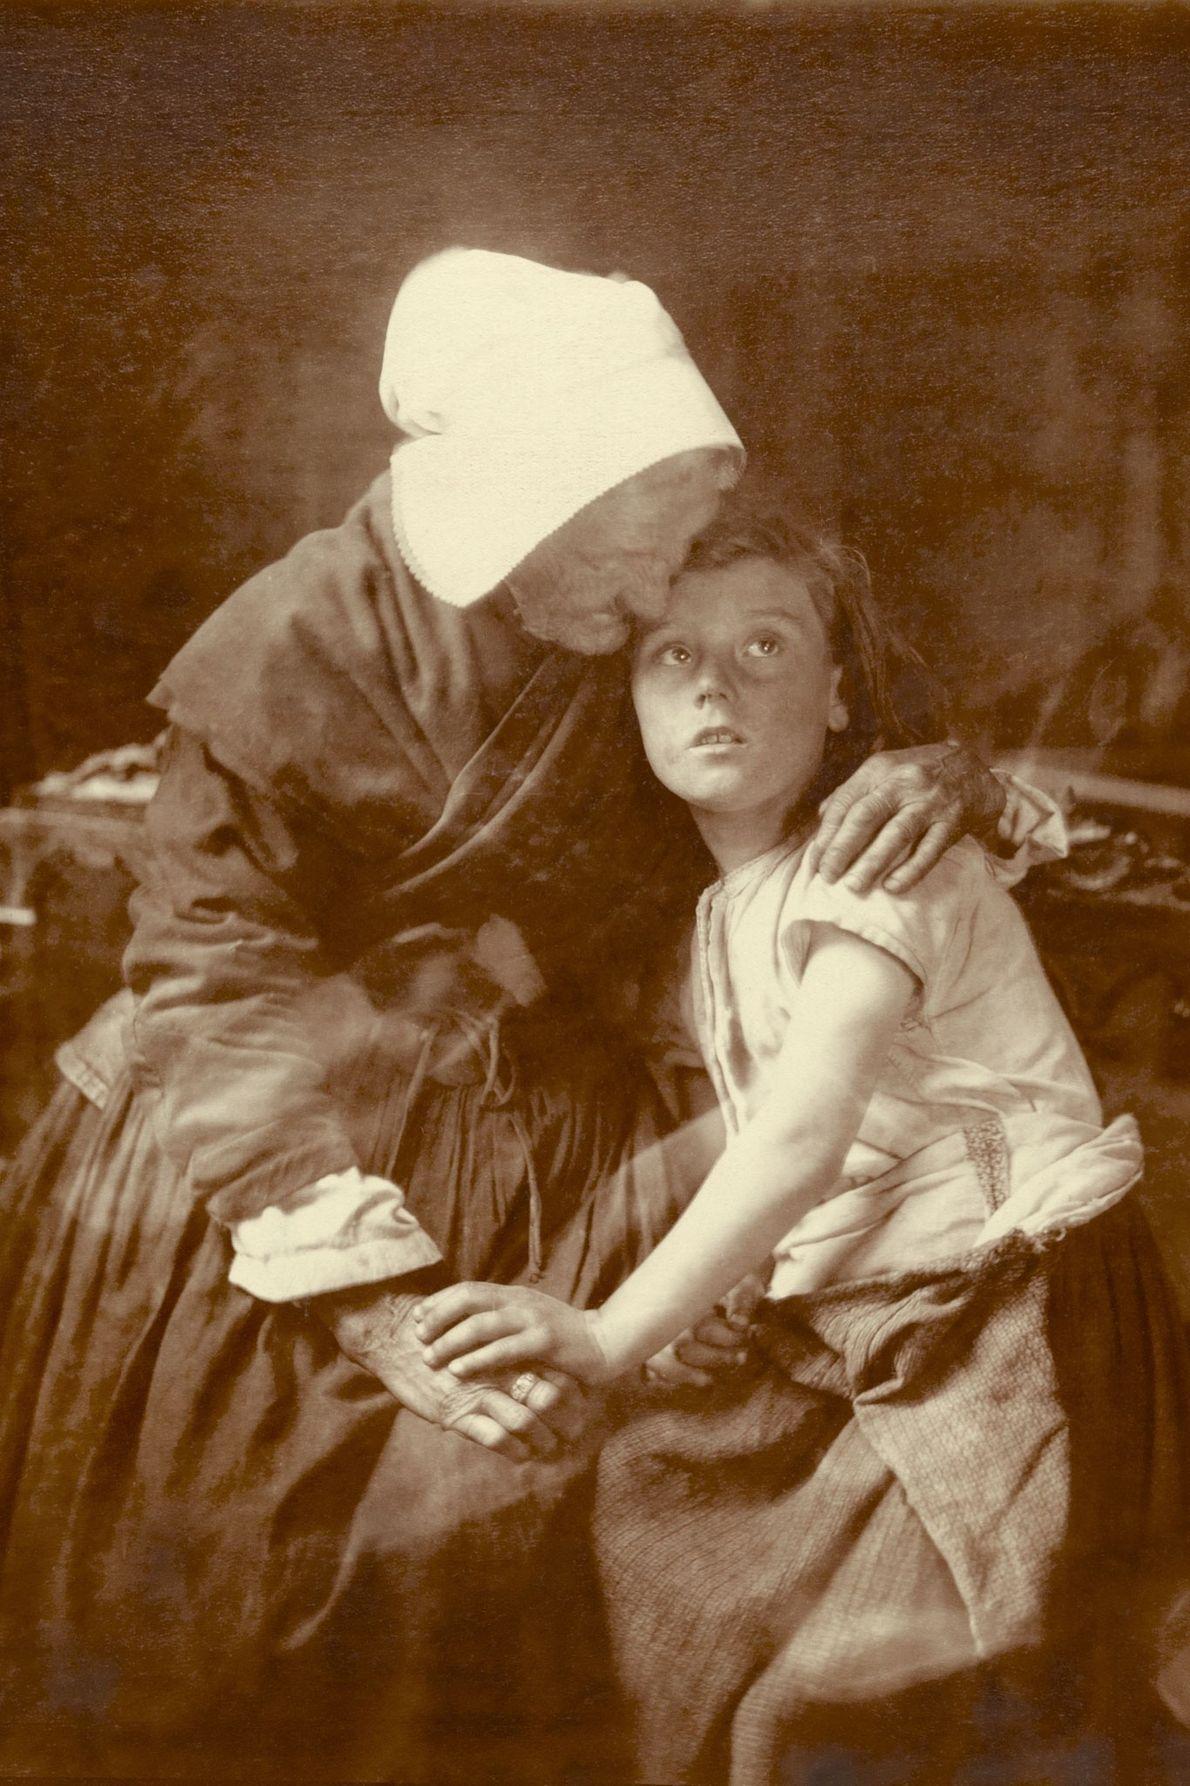 Uma avó abraça uma criança.